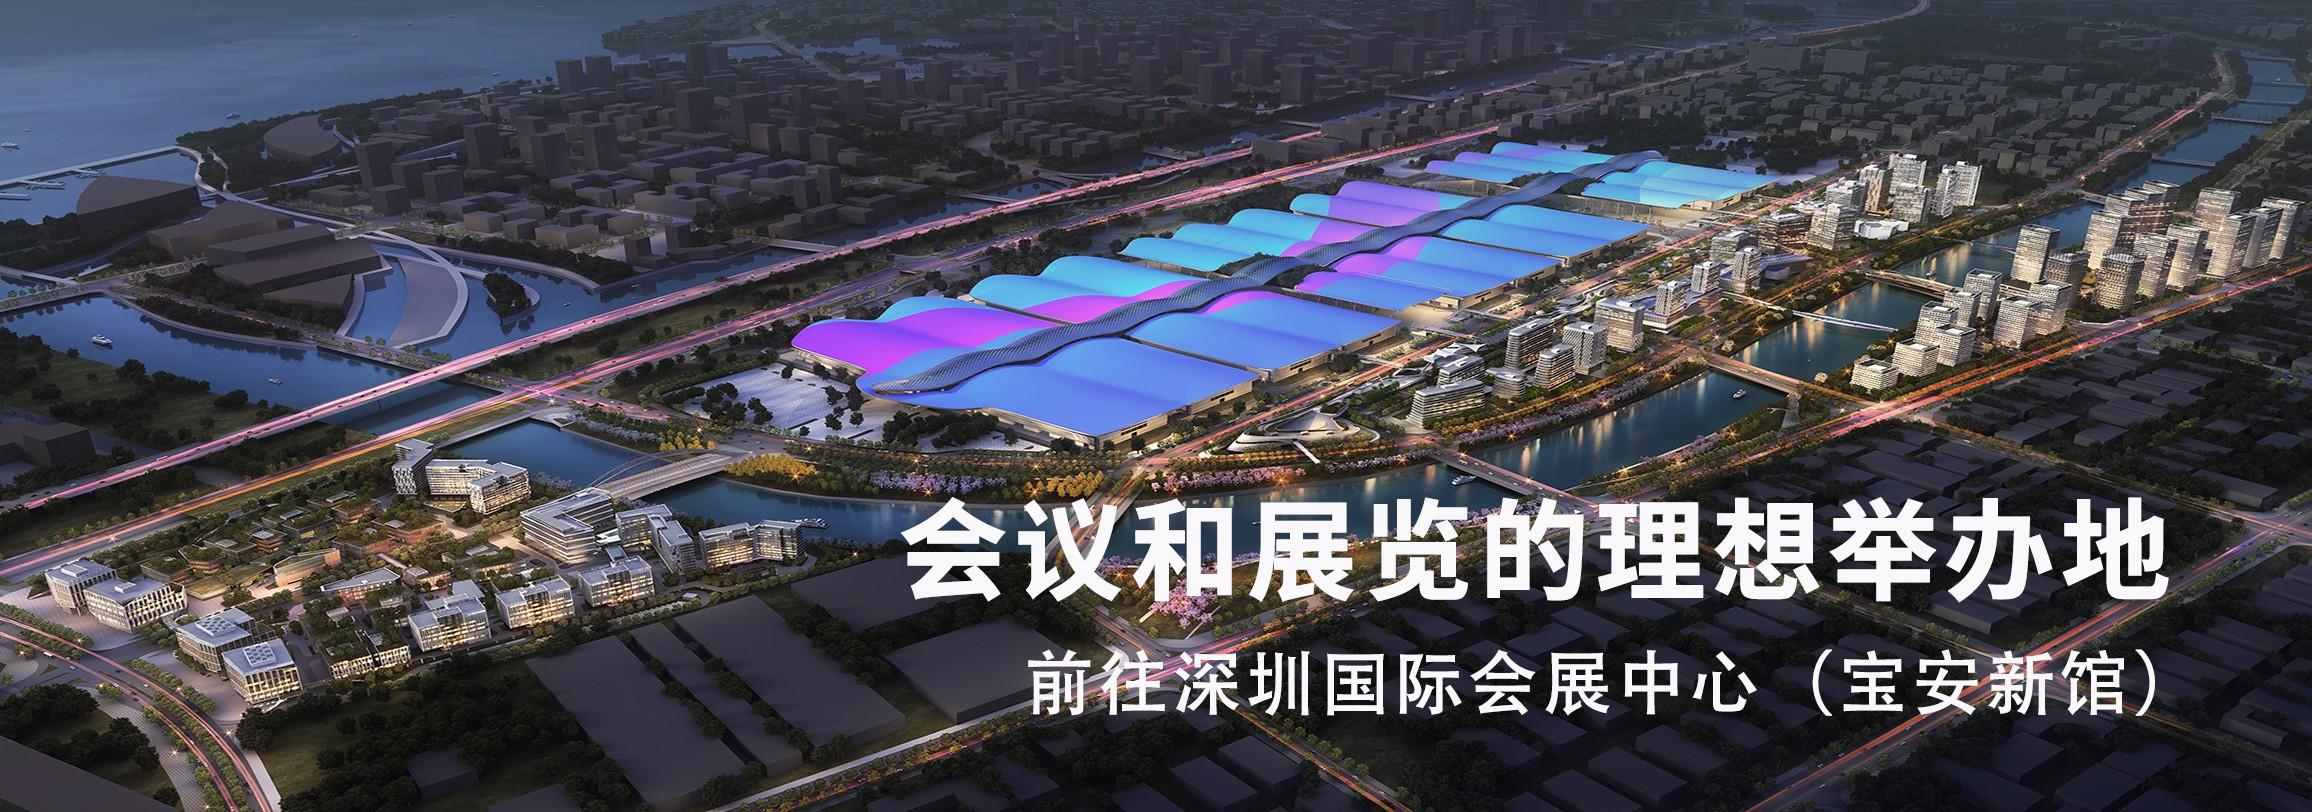 深圳会展中心-cn.jpg